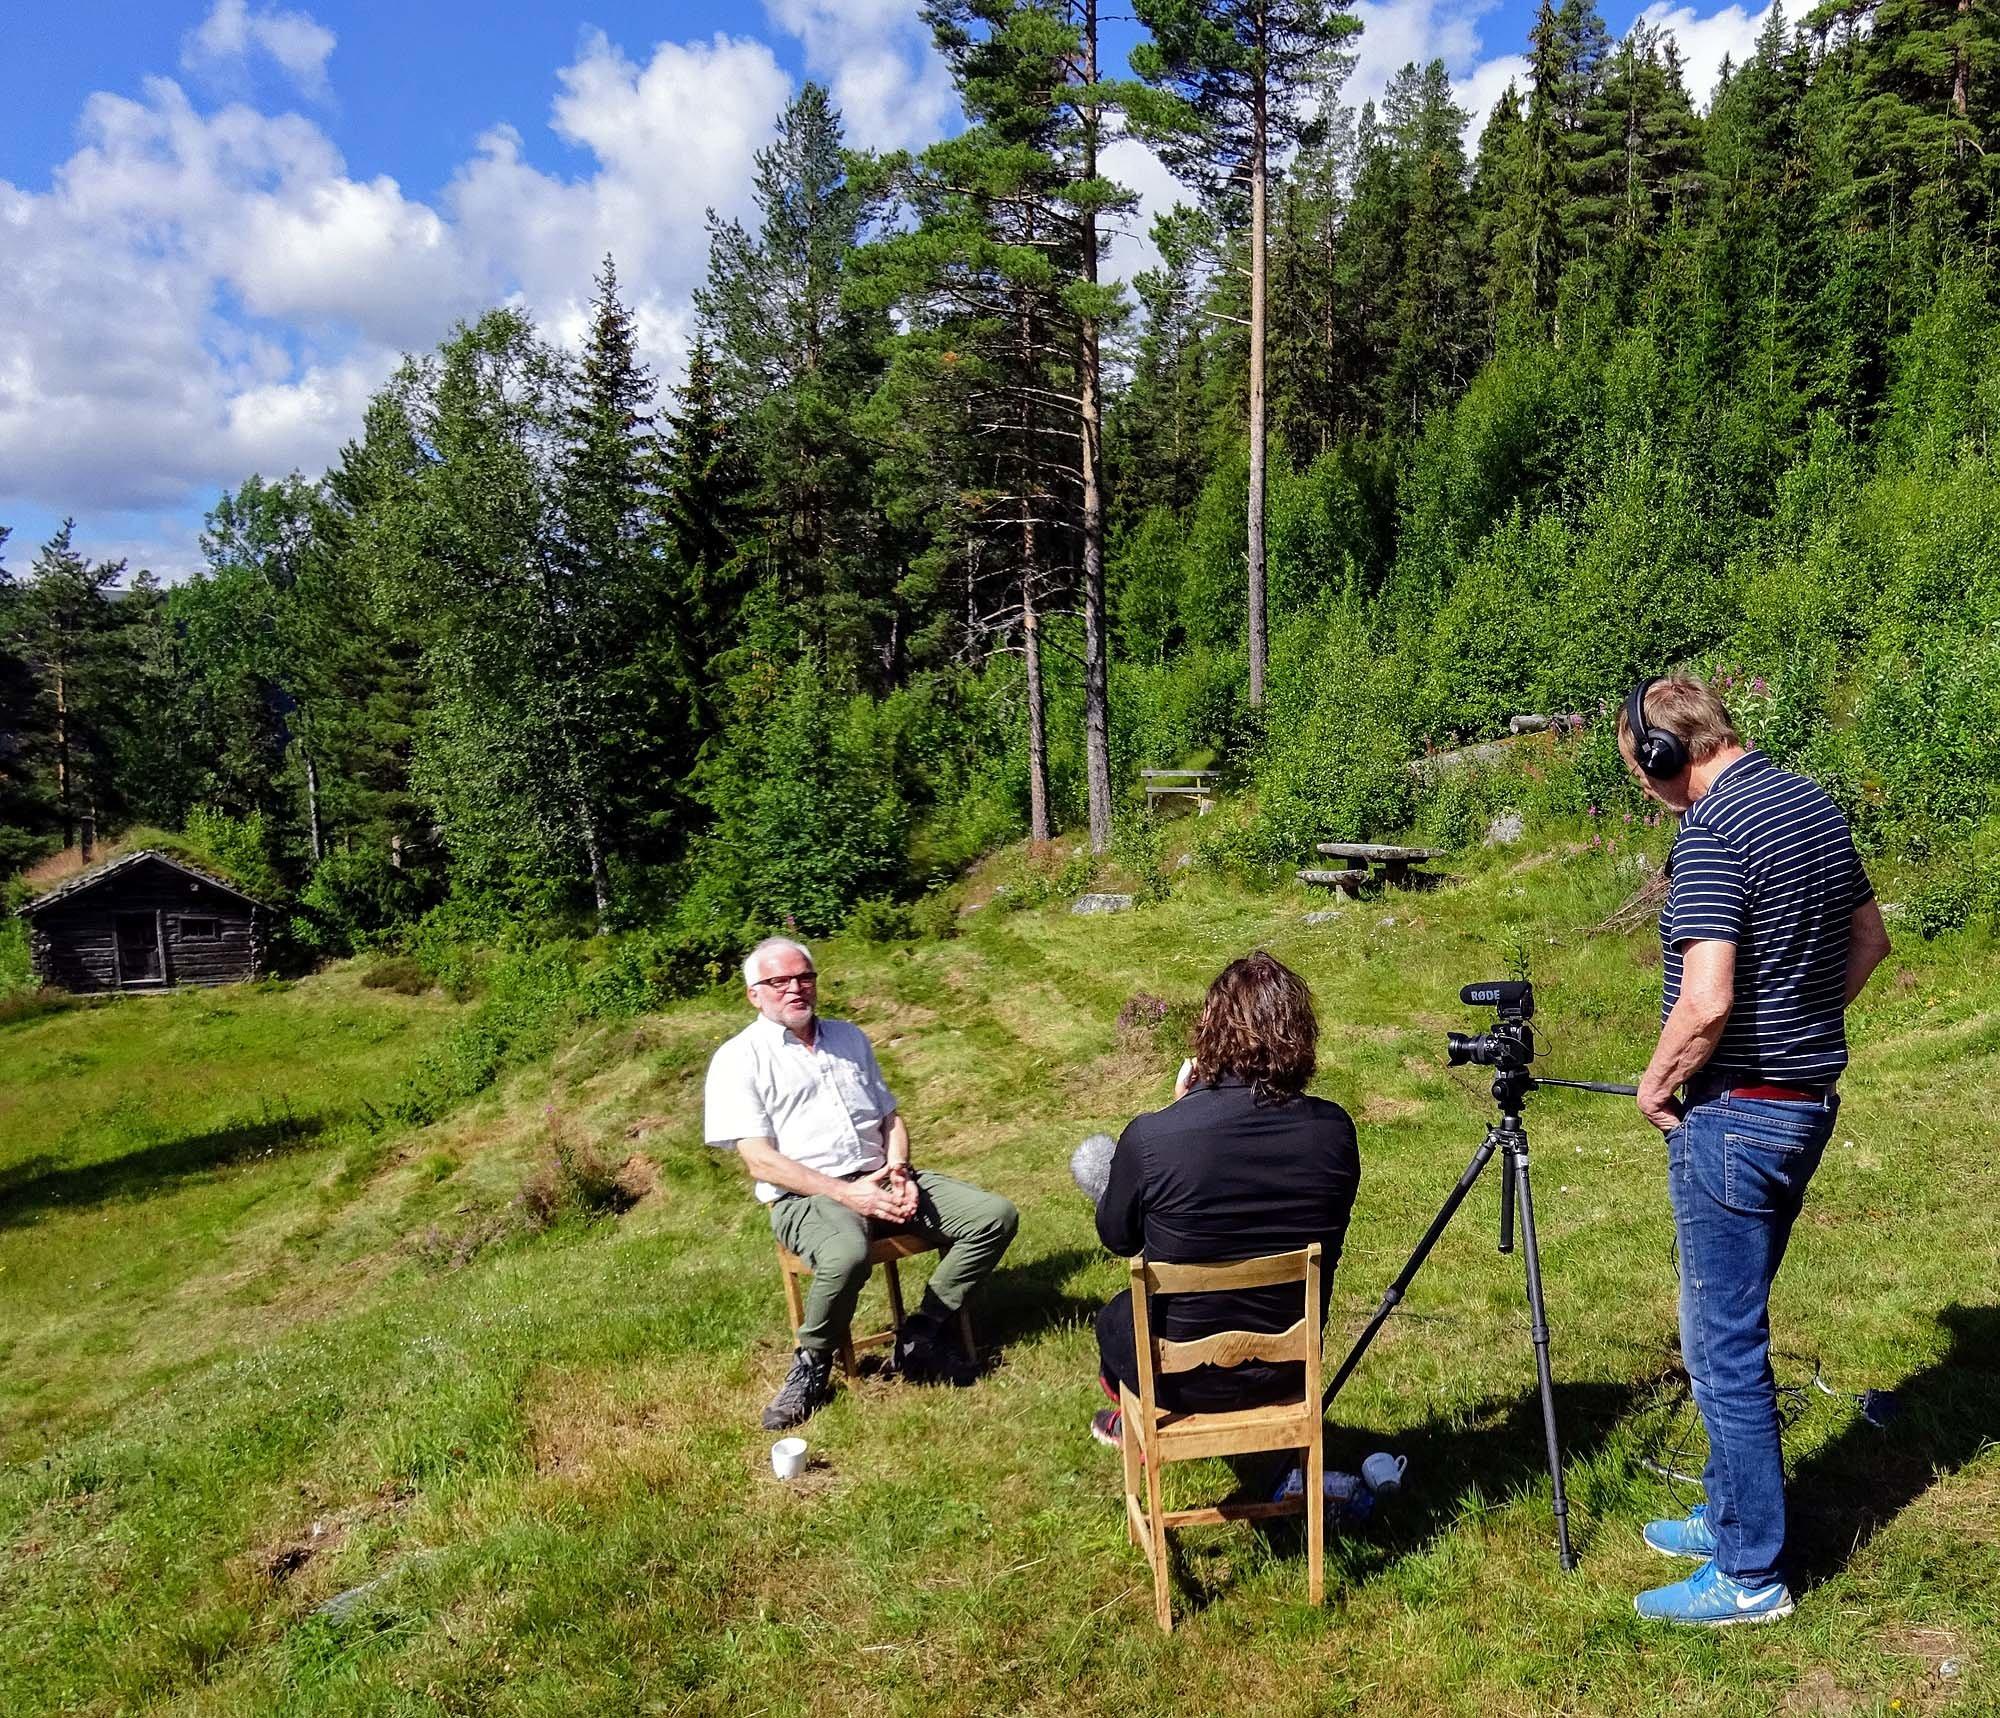 Cato Skimten Storengen intervjuer Arild Haglund